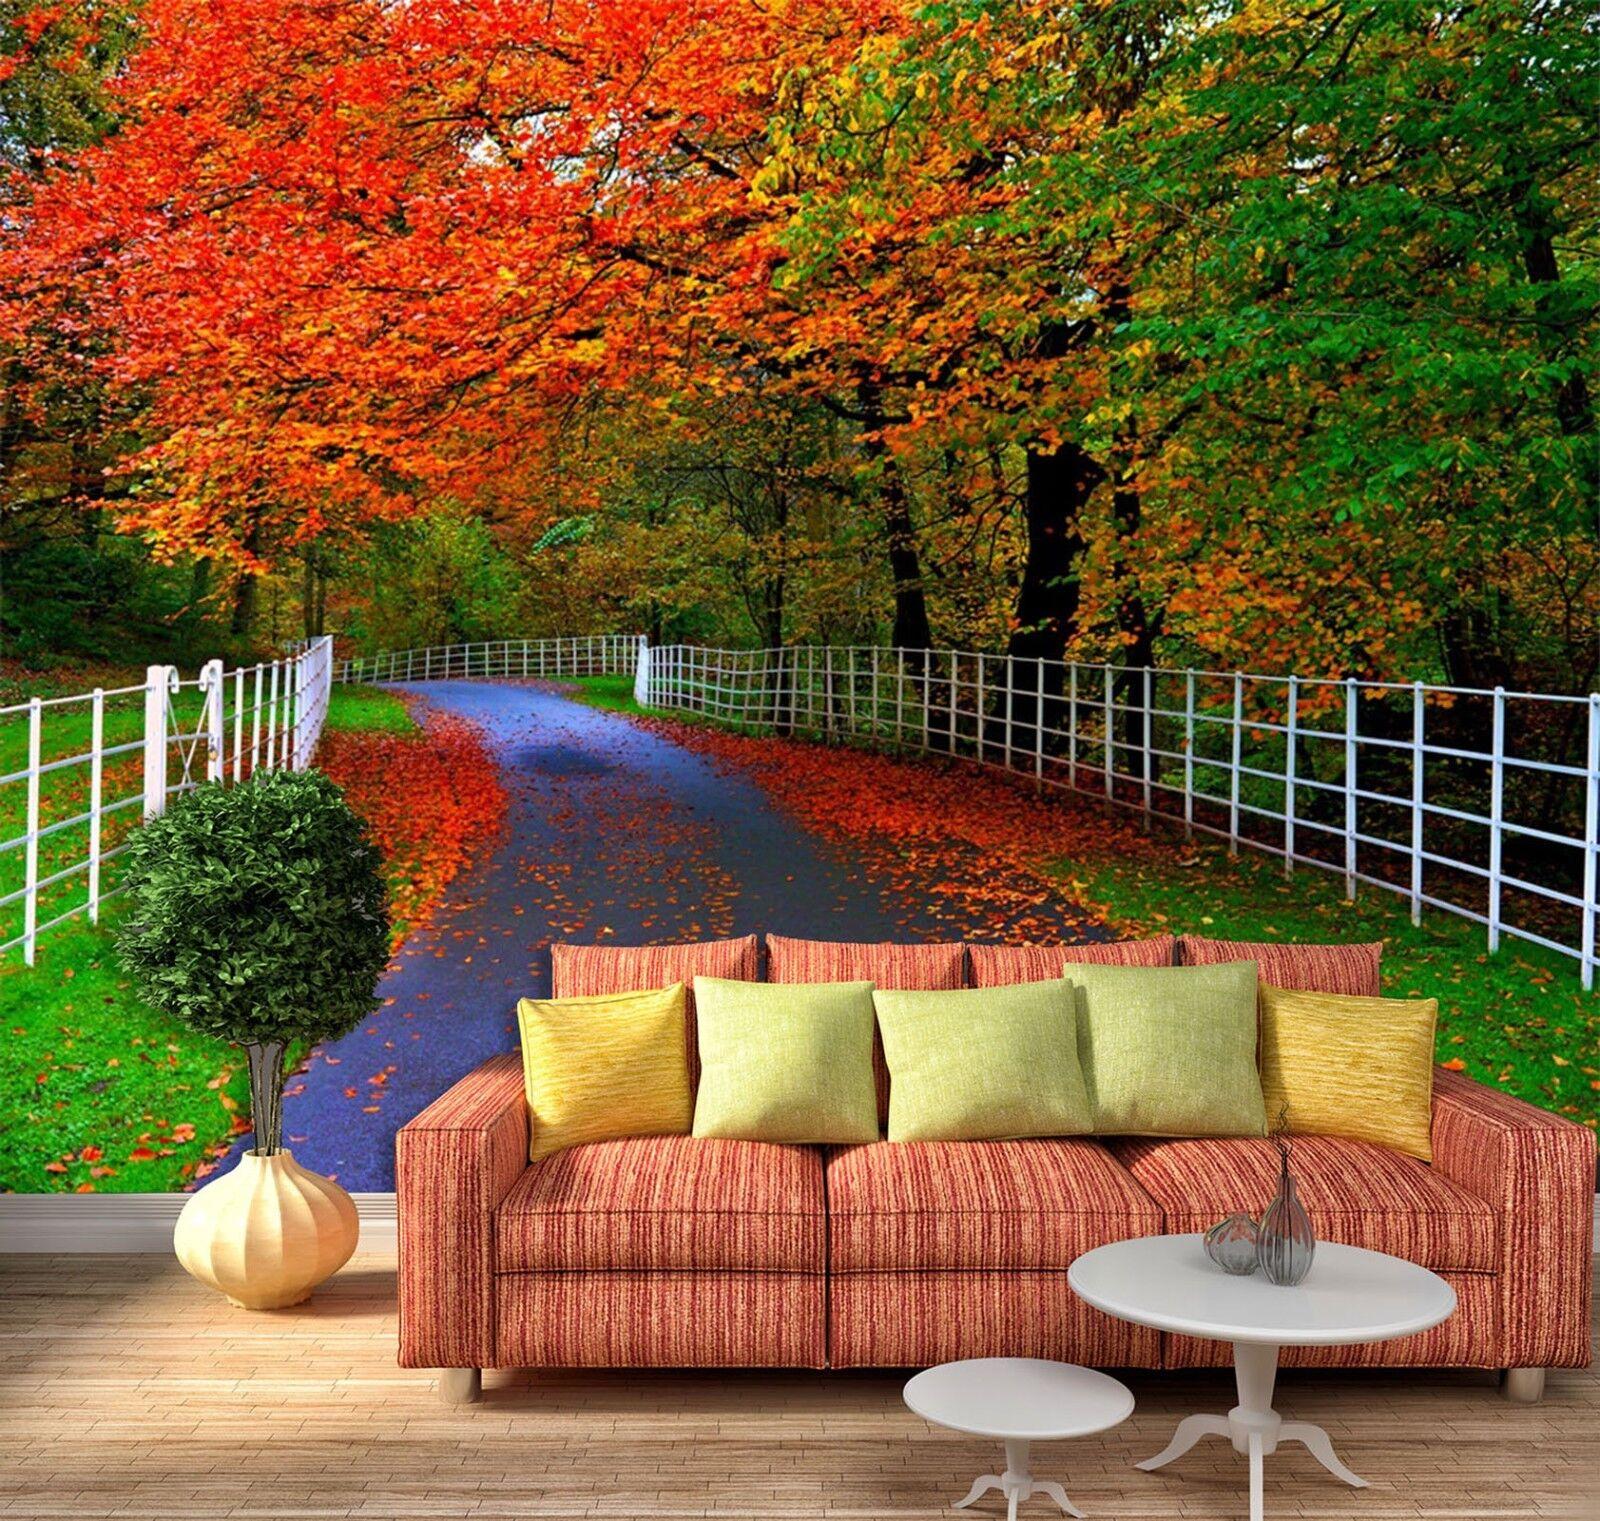 3D Garten Gehweg Natürlich 7899 Tapete Wandgemälde Tapeten Bild Familie DE Lemon  | Verkauf  | Stabile Qualität  | Zuverlässige Qualität